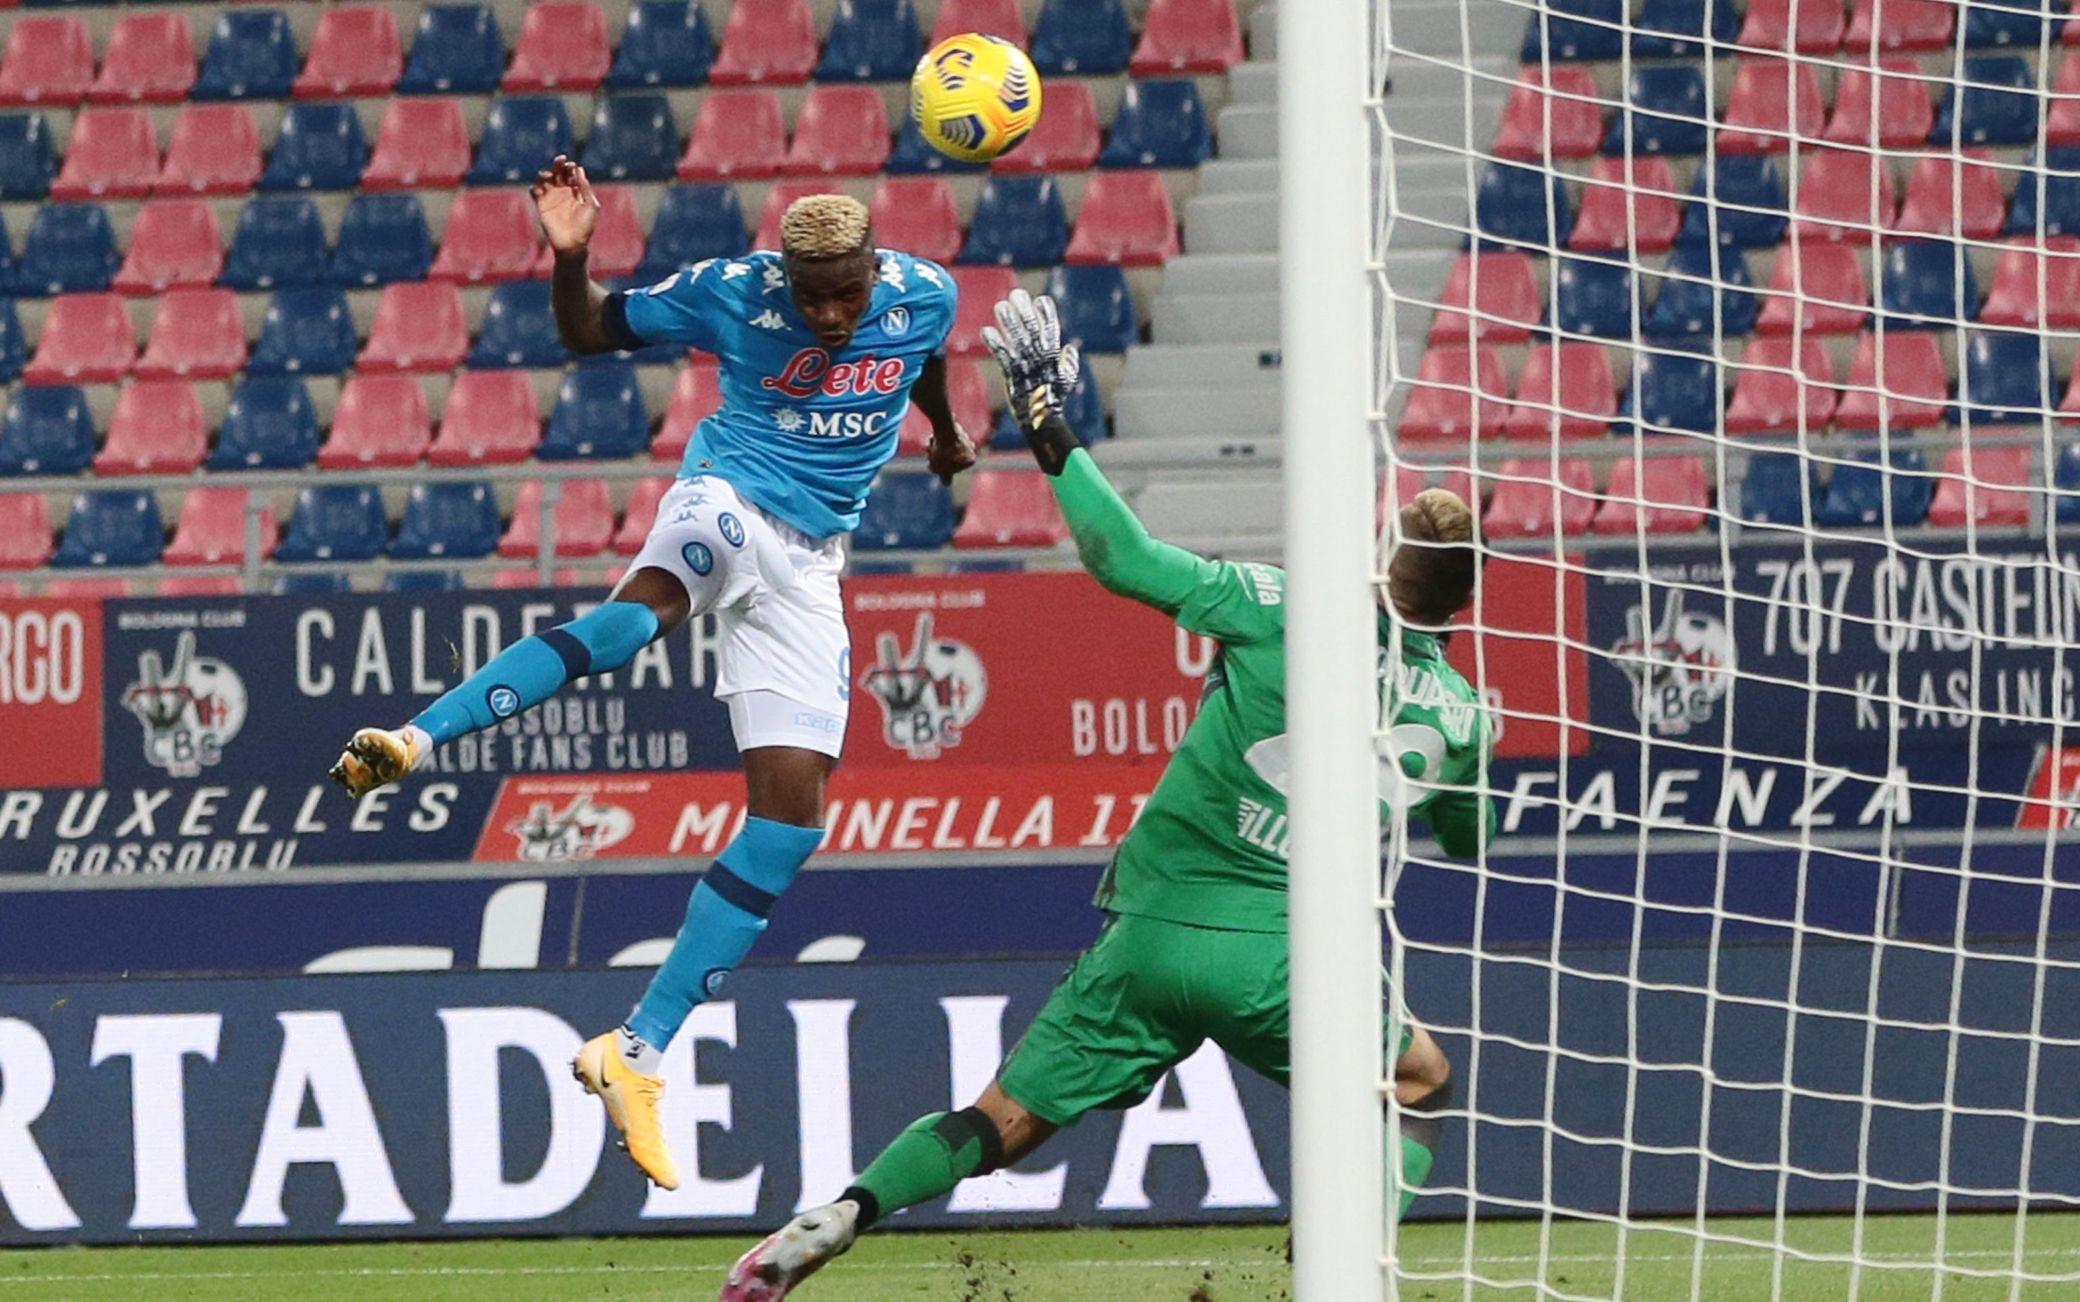 Serie A, Bologna-Napoli in tempo reale